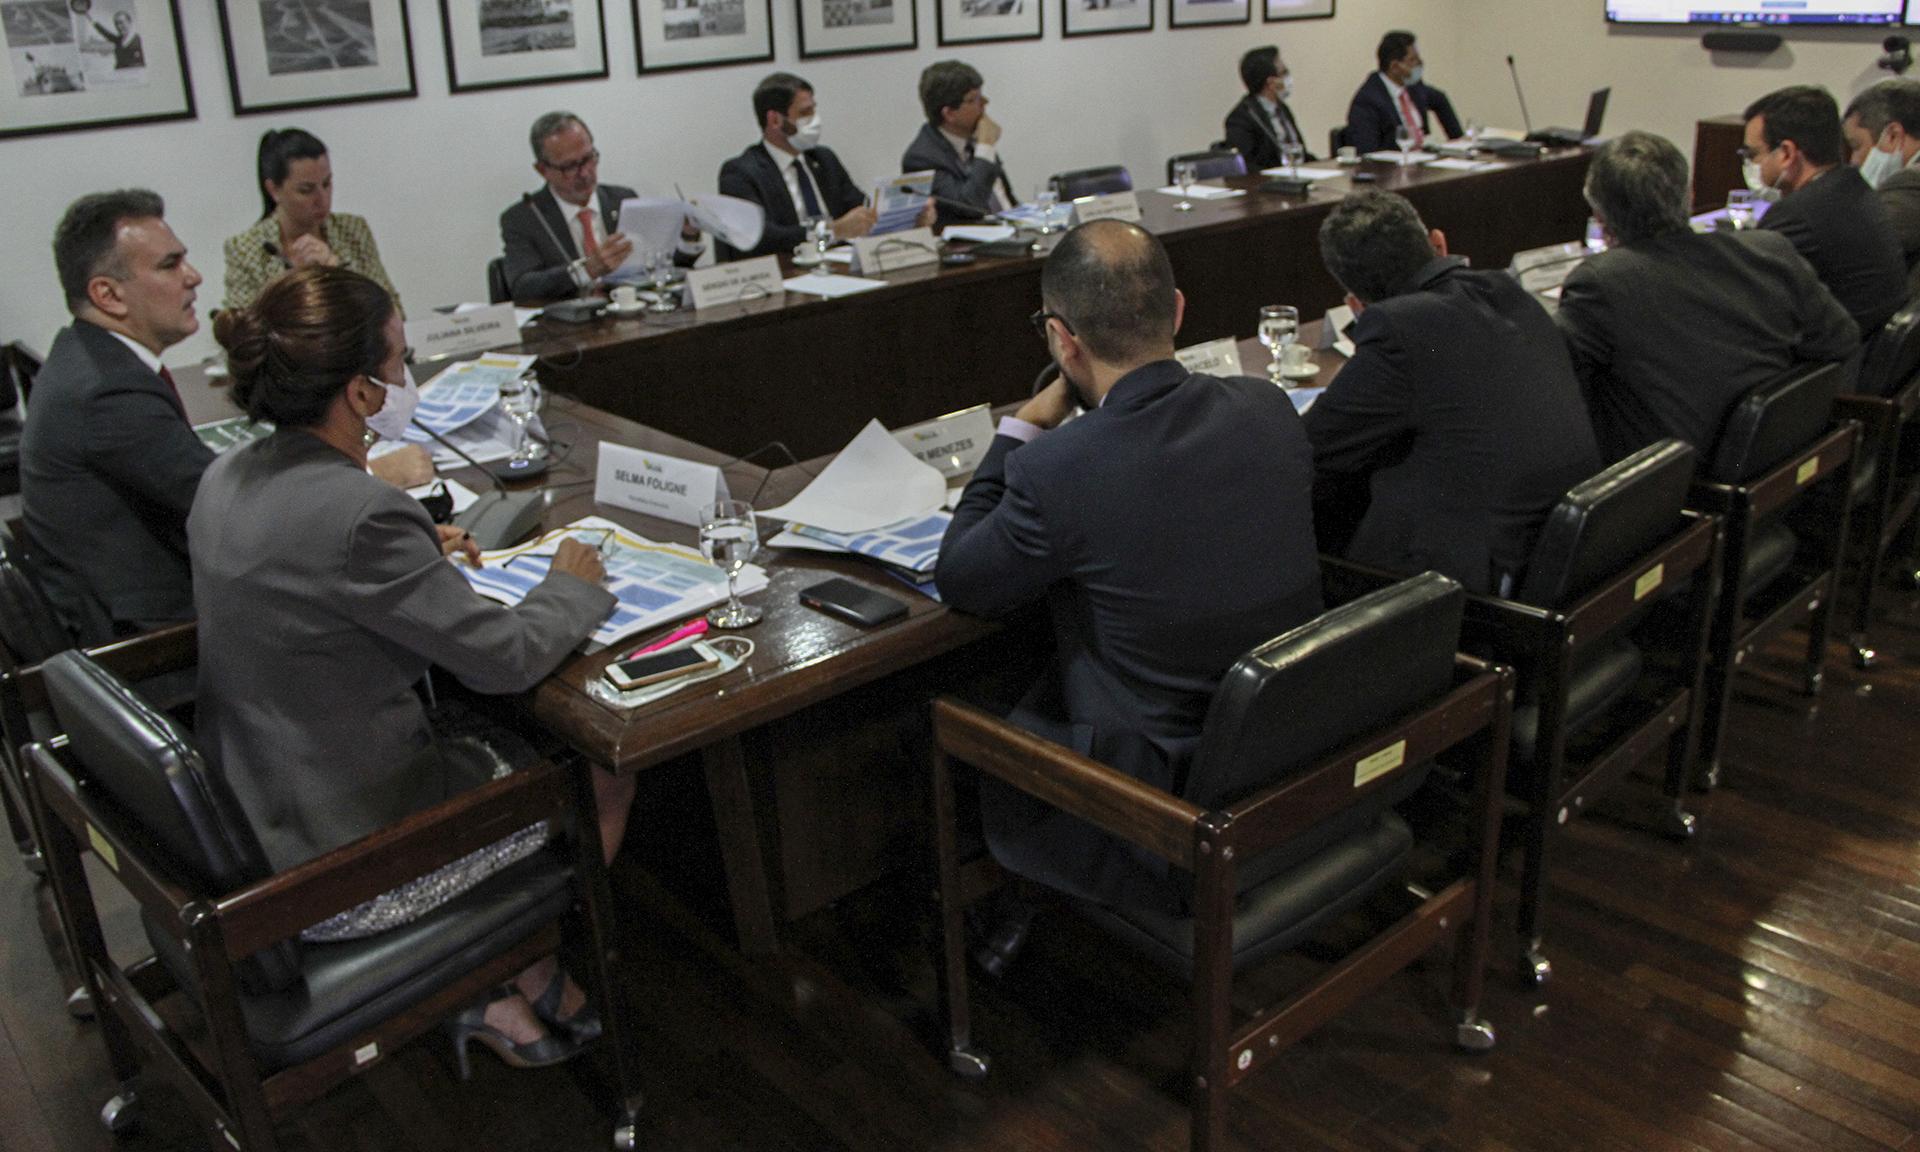 Colegiado tem por objetivo assessorar a Presidência da República na articulação e monitoramento das ações de modernização no País